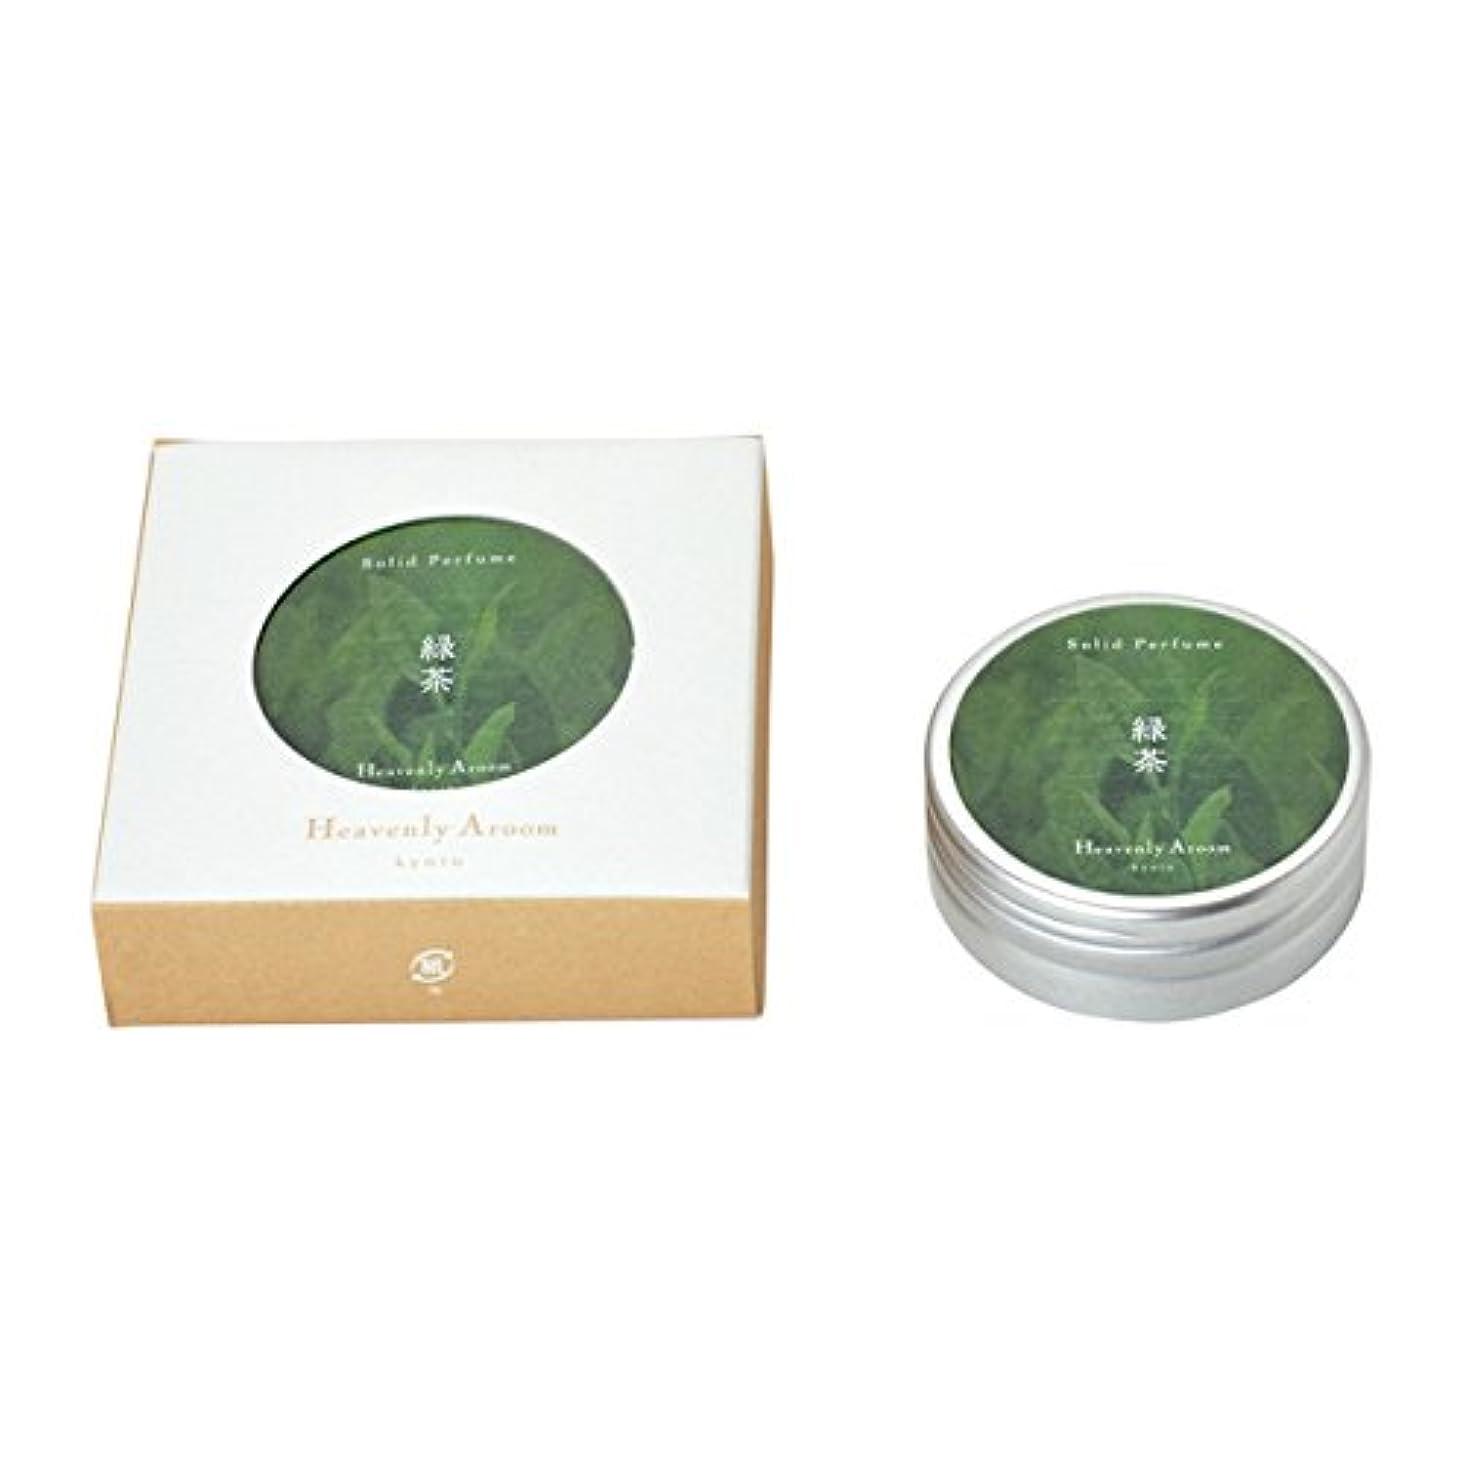 原子しかしながらフットボールHeavenly Aroom ソリッドパフューム 緑茶 15g